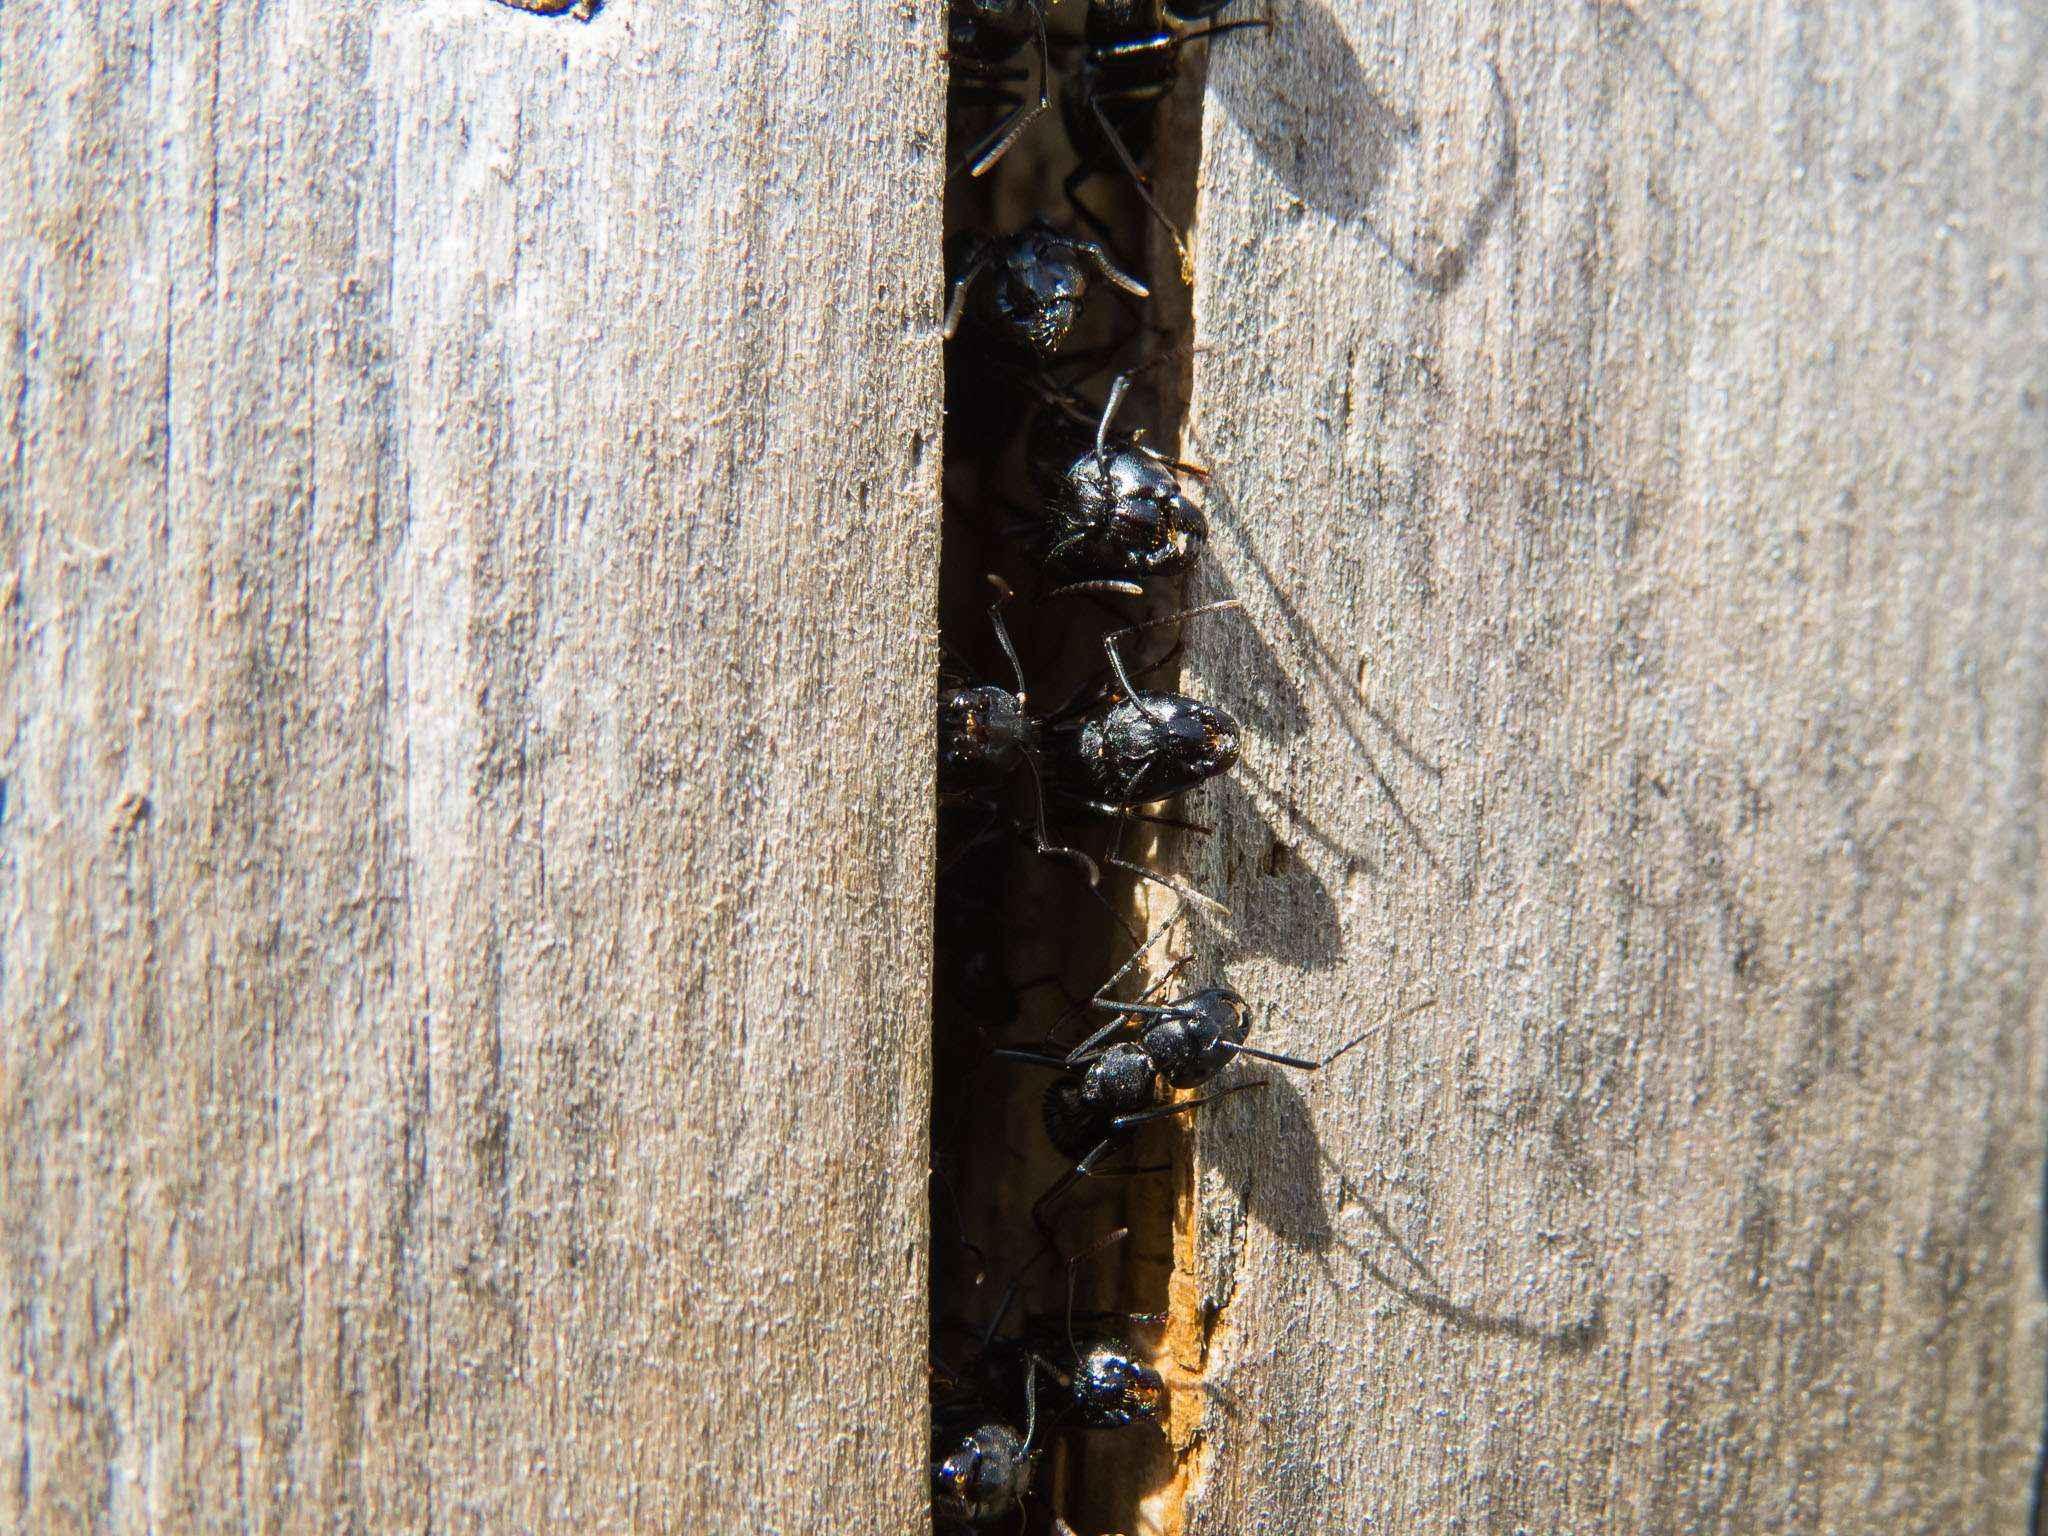 Camponotus vagus: Anzeichen für bevorstehenden Schwarmflug